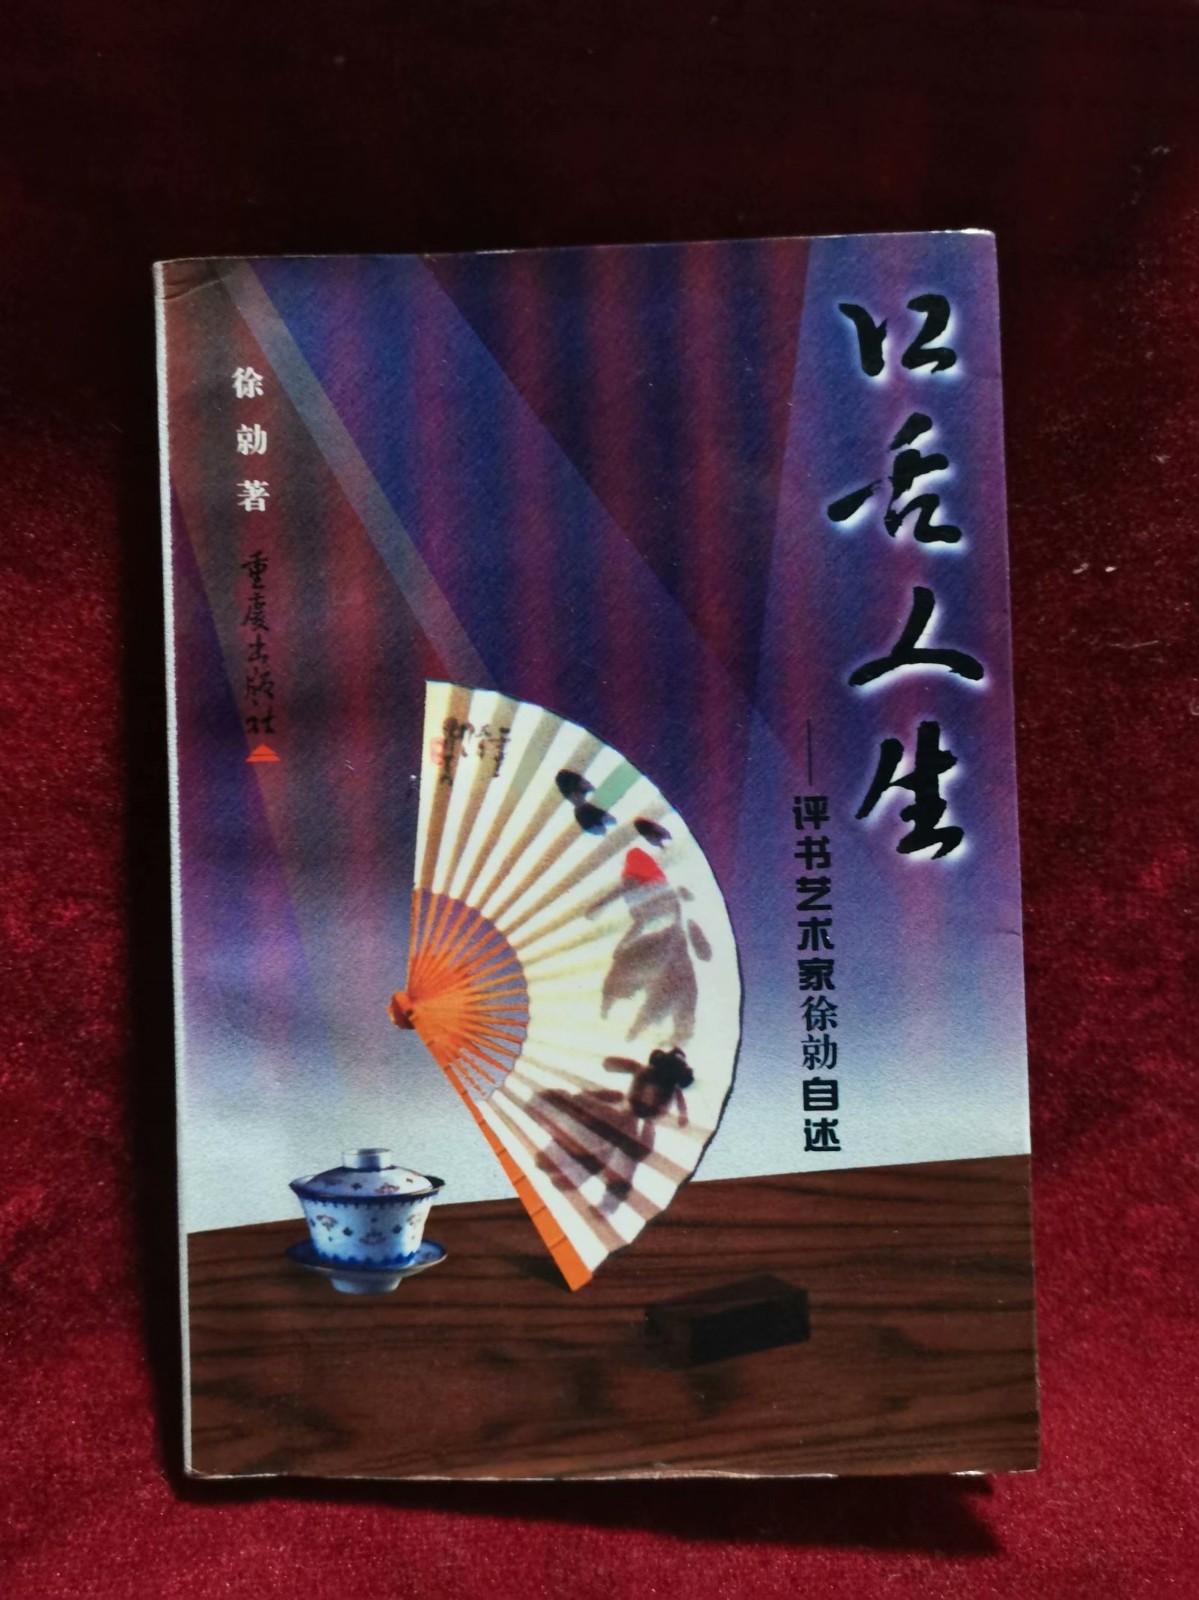 《口舌人生》——重庆评书大家徐勍先生给世界留下的一本好书 ..._图1-1